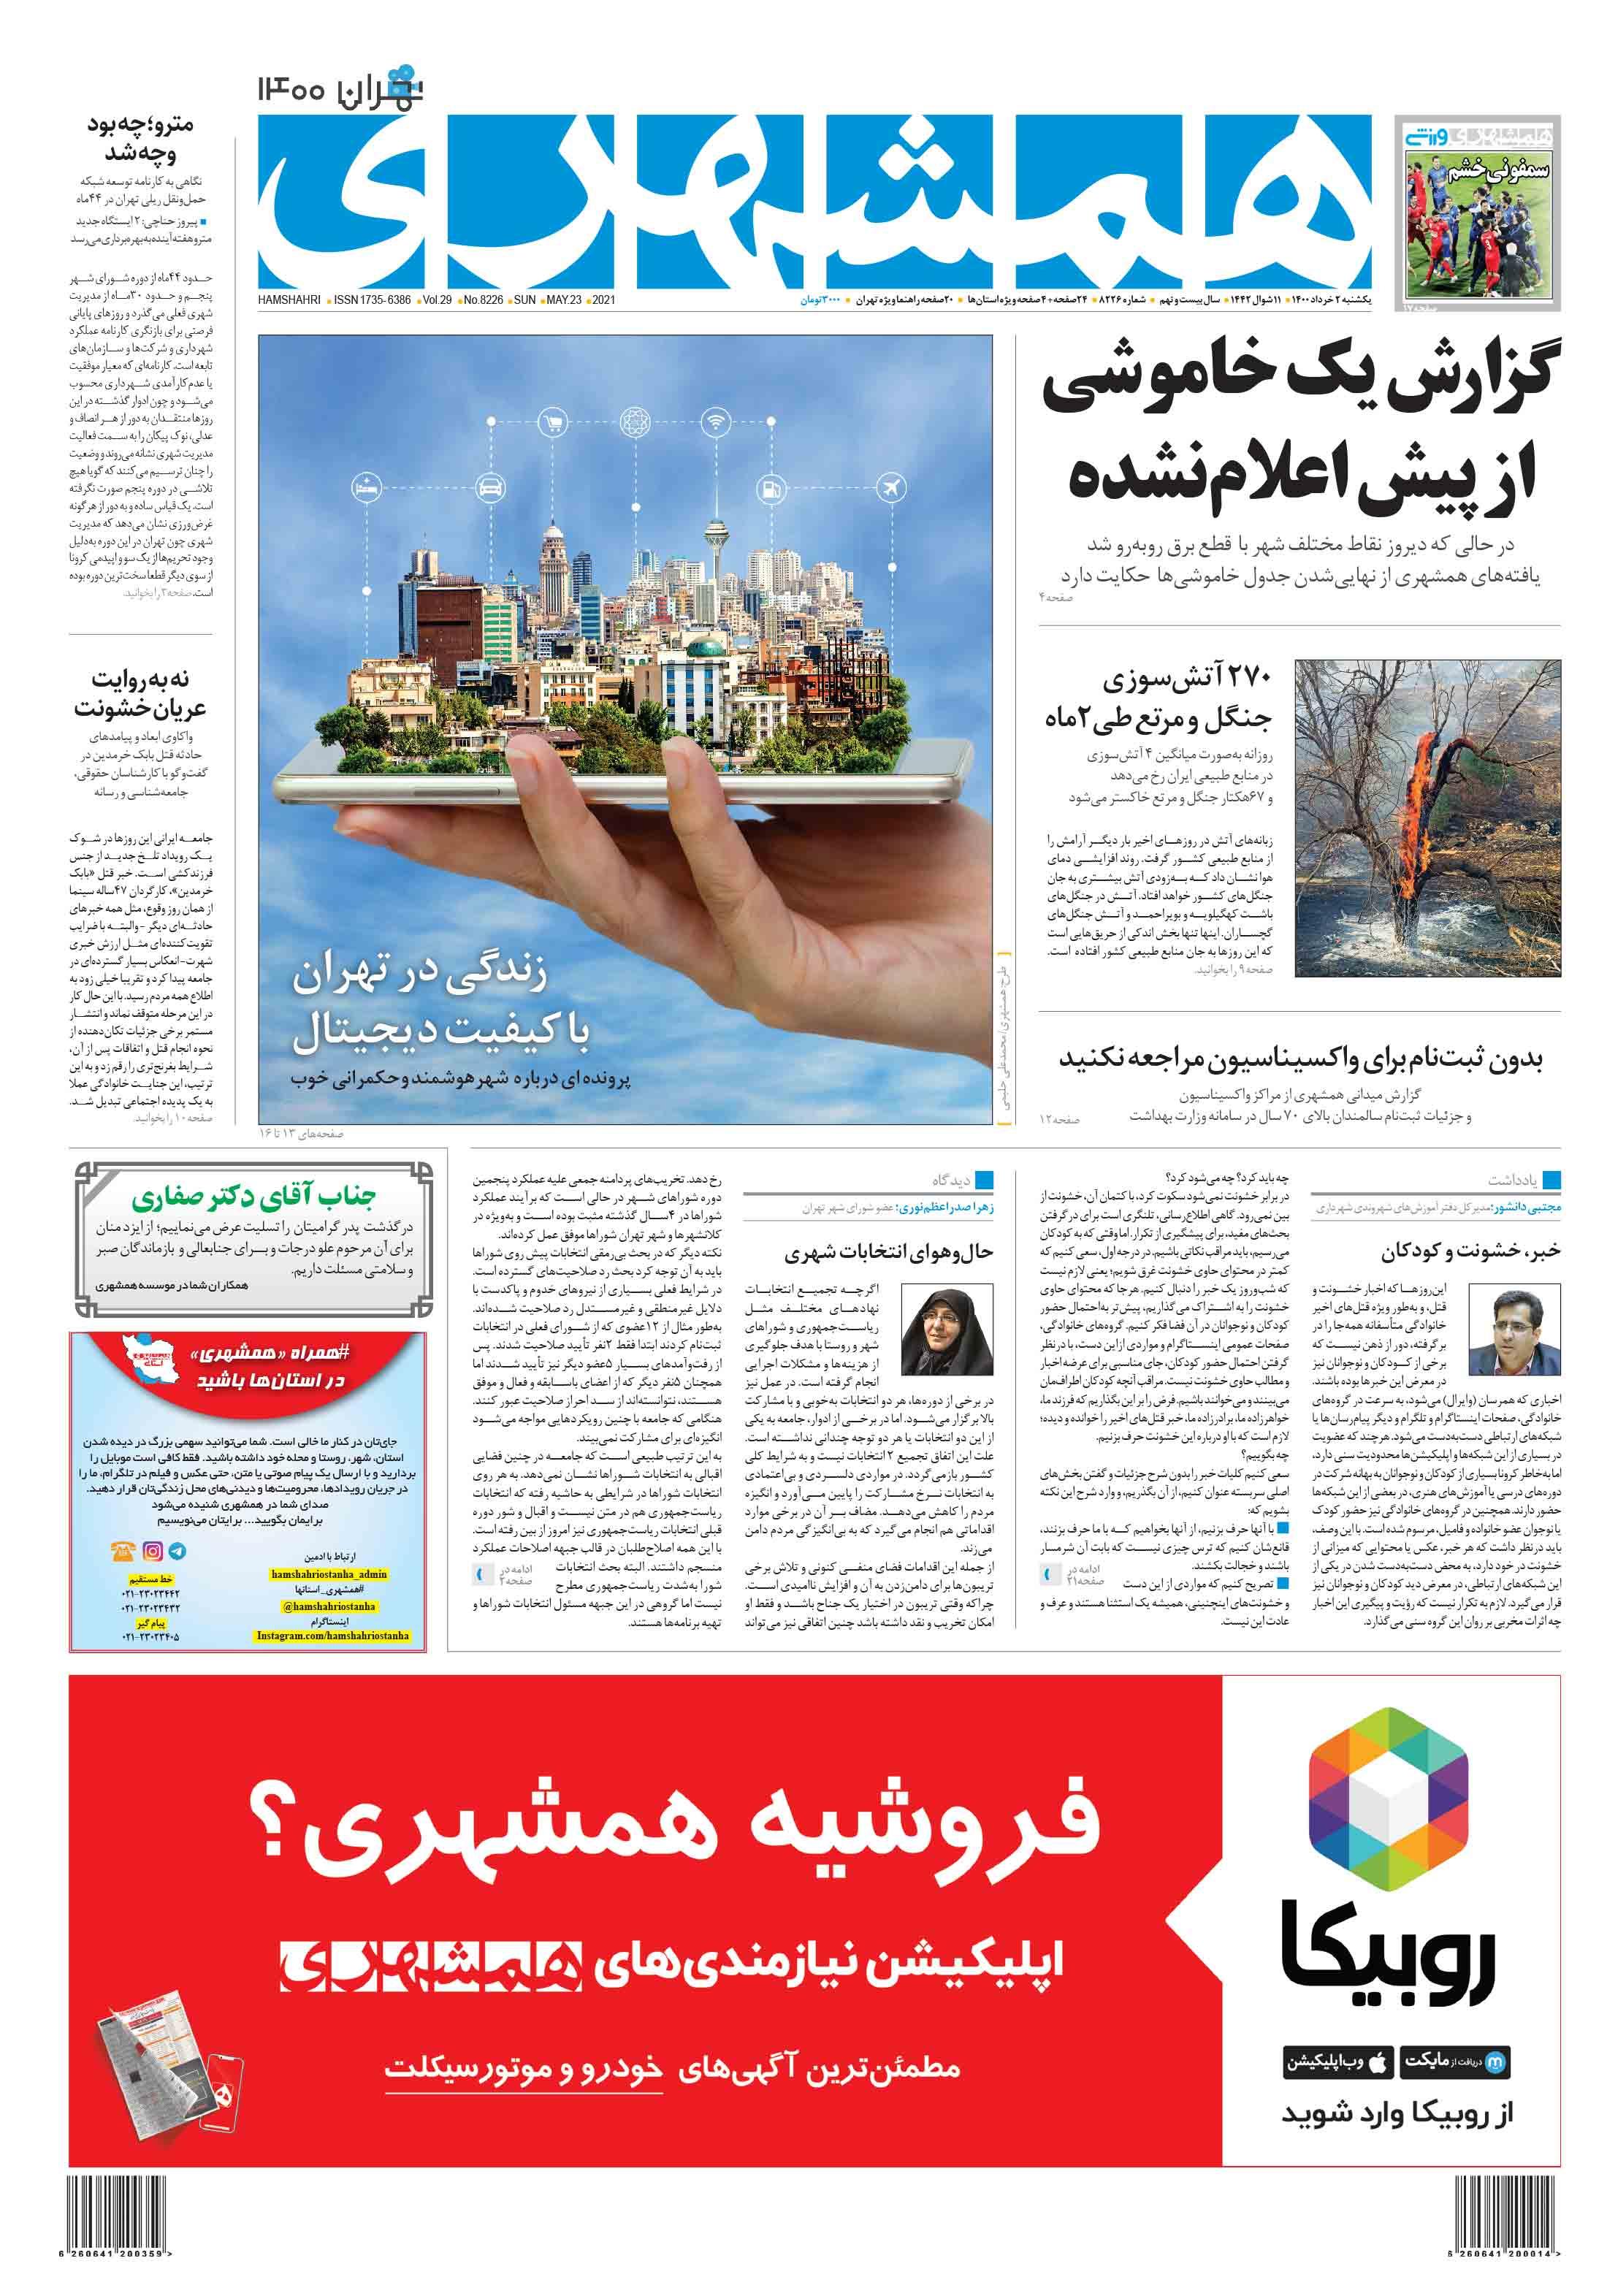 صفحه اول یکشنبه 2 خرداد 1400